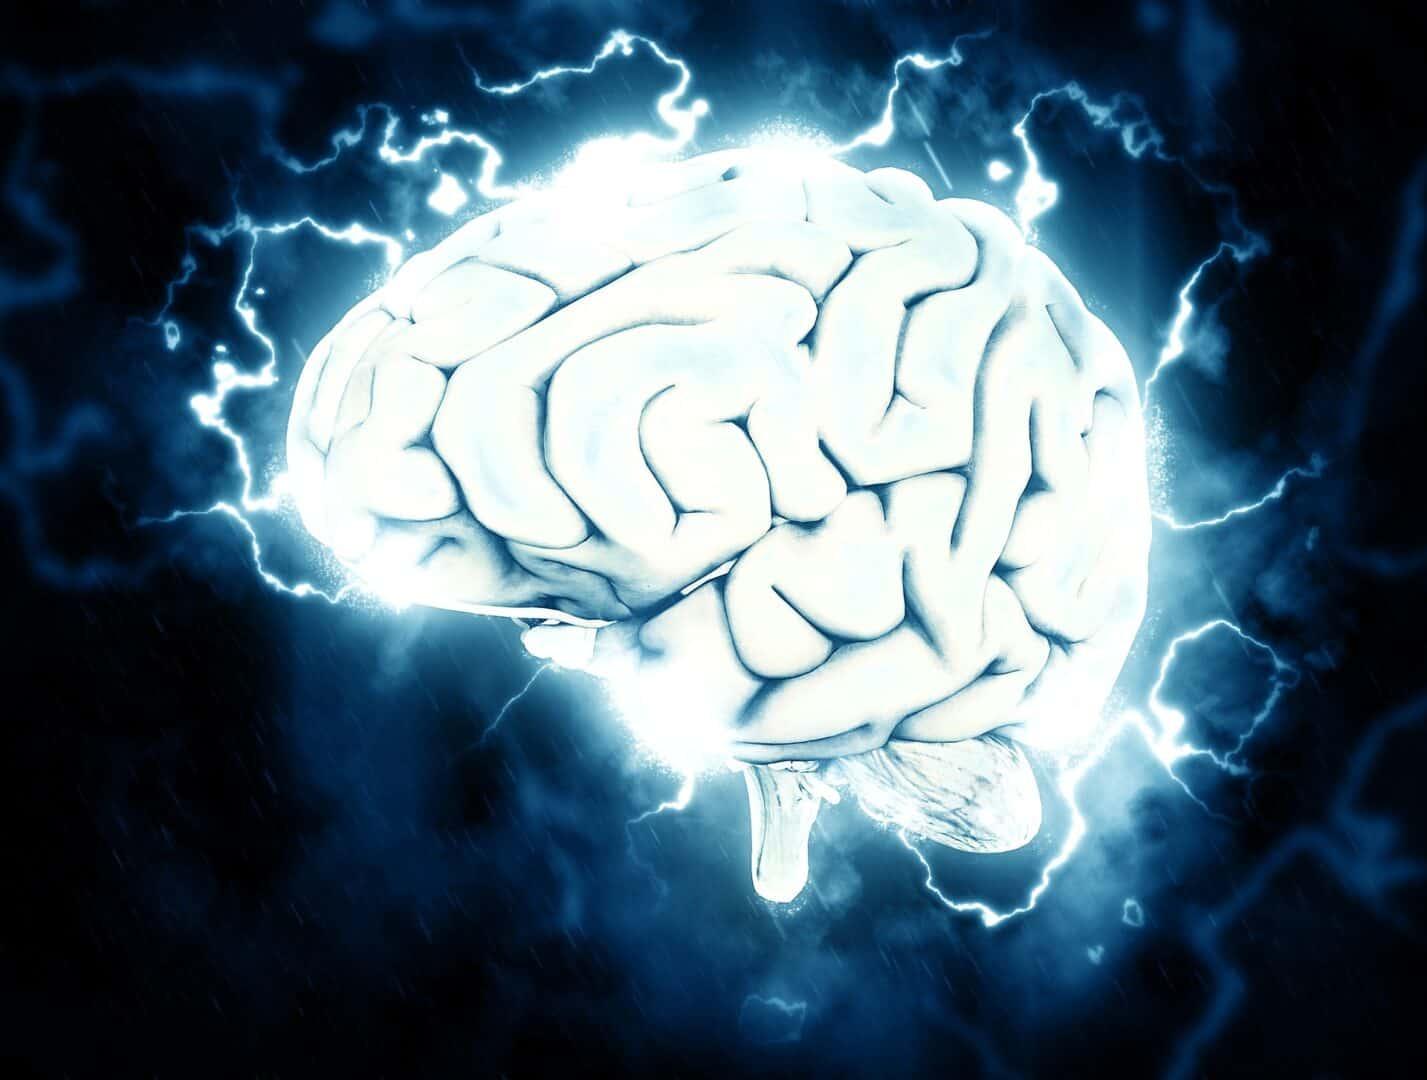 Gesundheit und Gehirn in Zeiten fortschreitender Digitalisierung